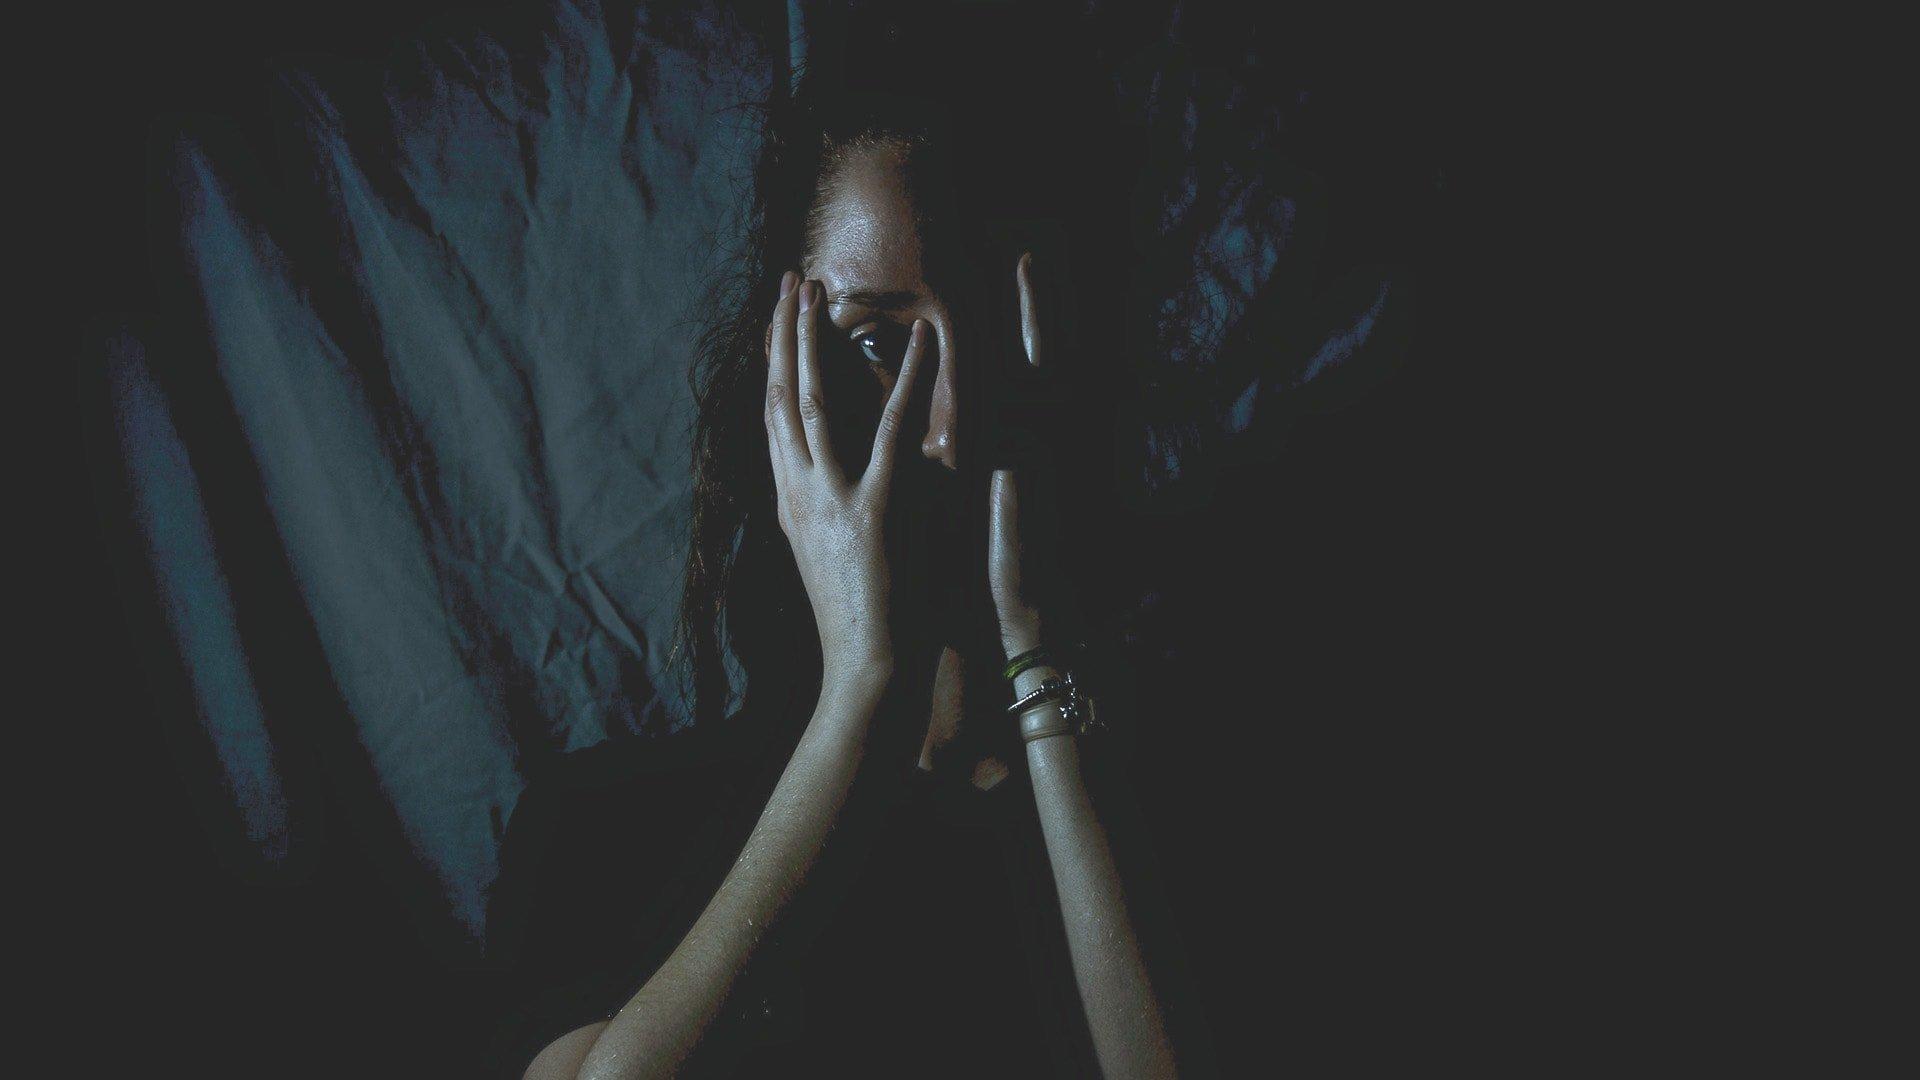 La violenza sulle donne è ancora un problema